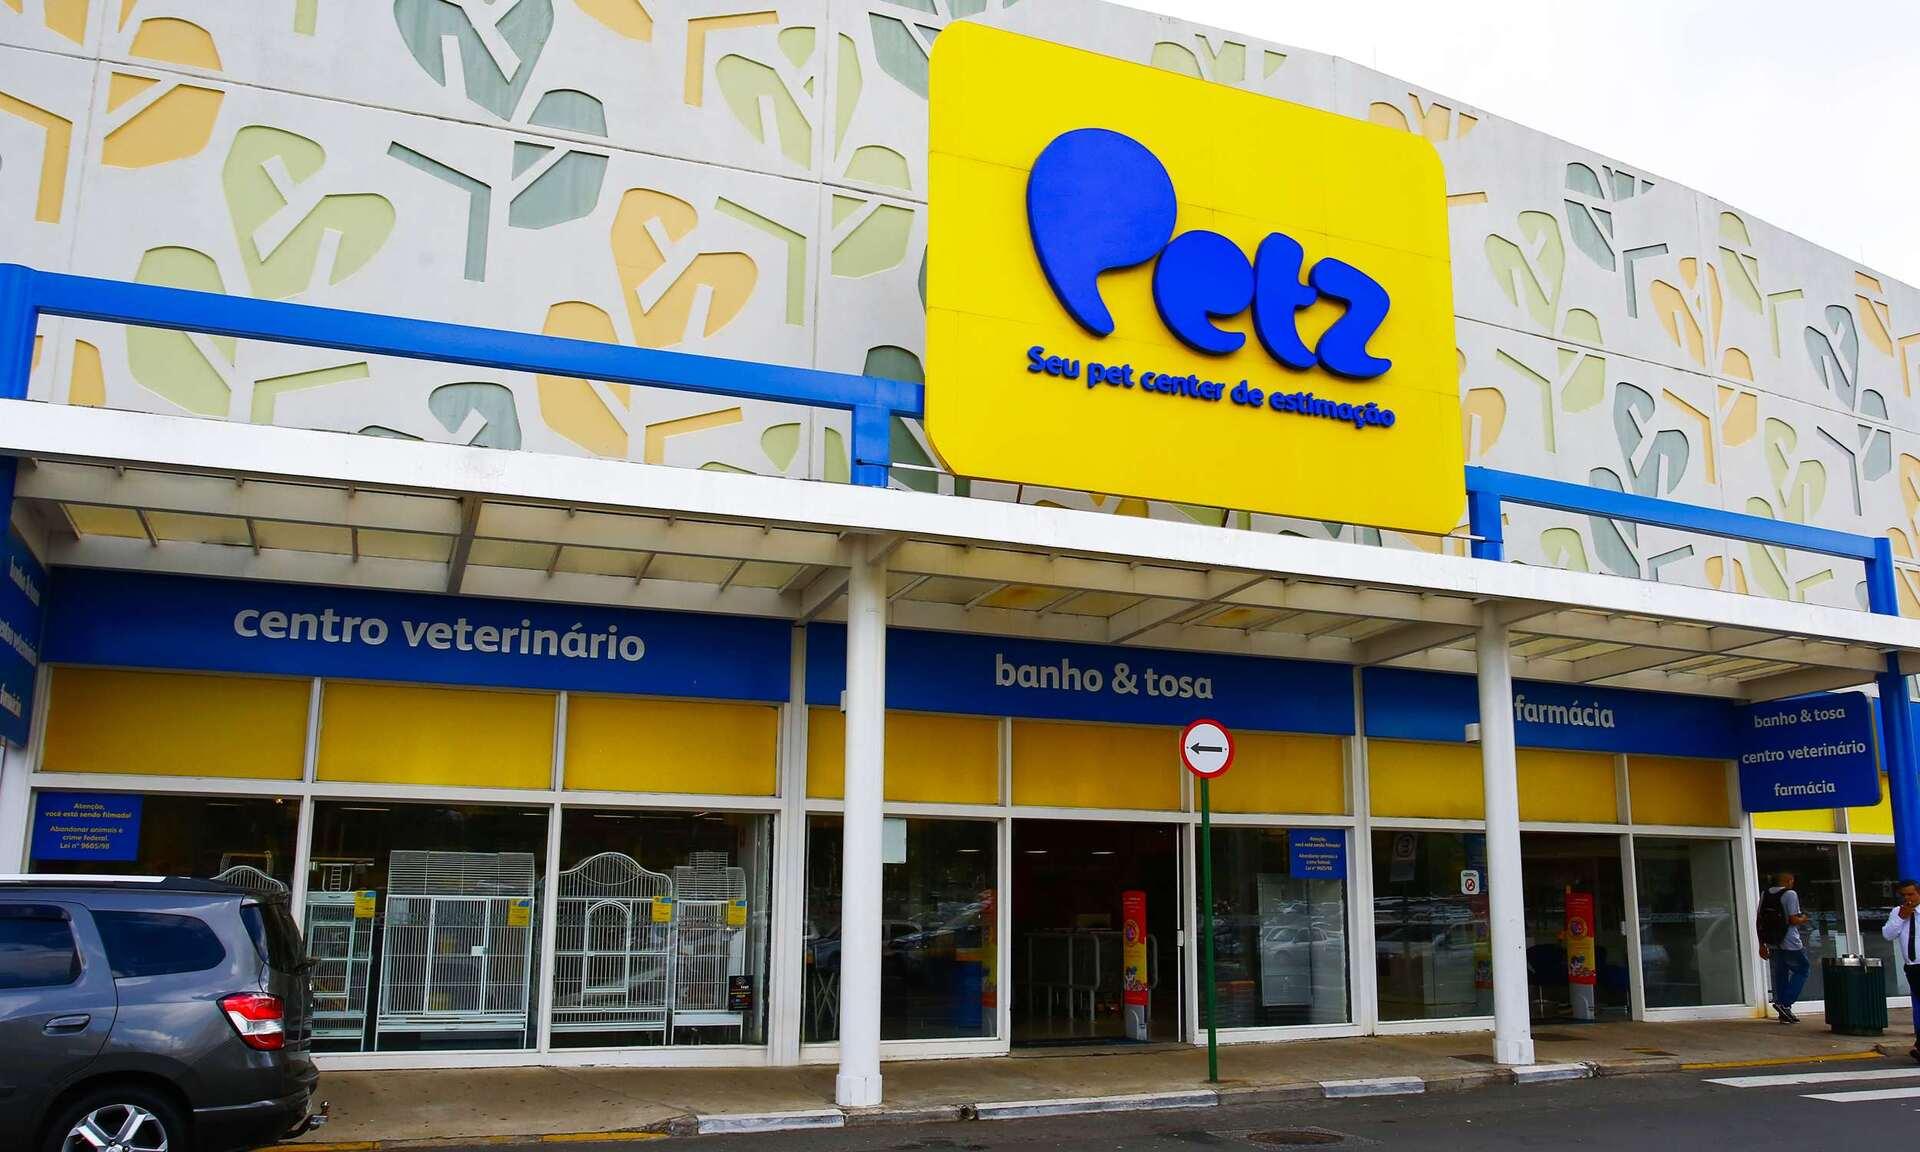 pet shop Petz